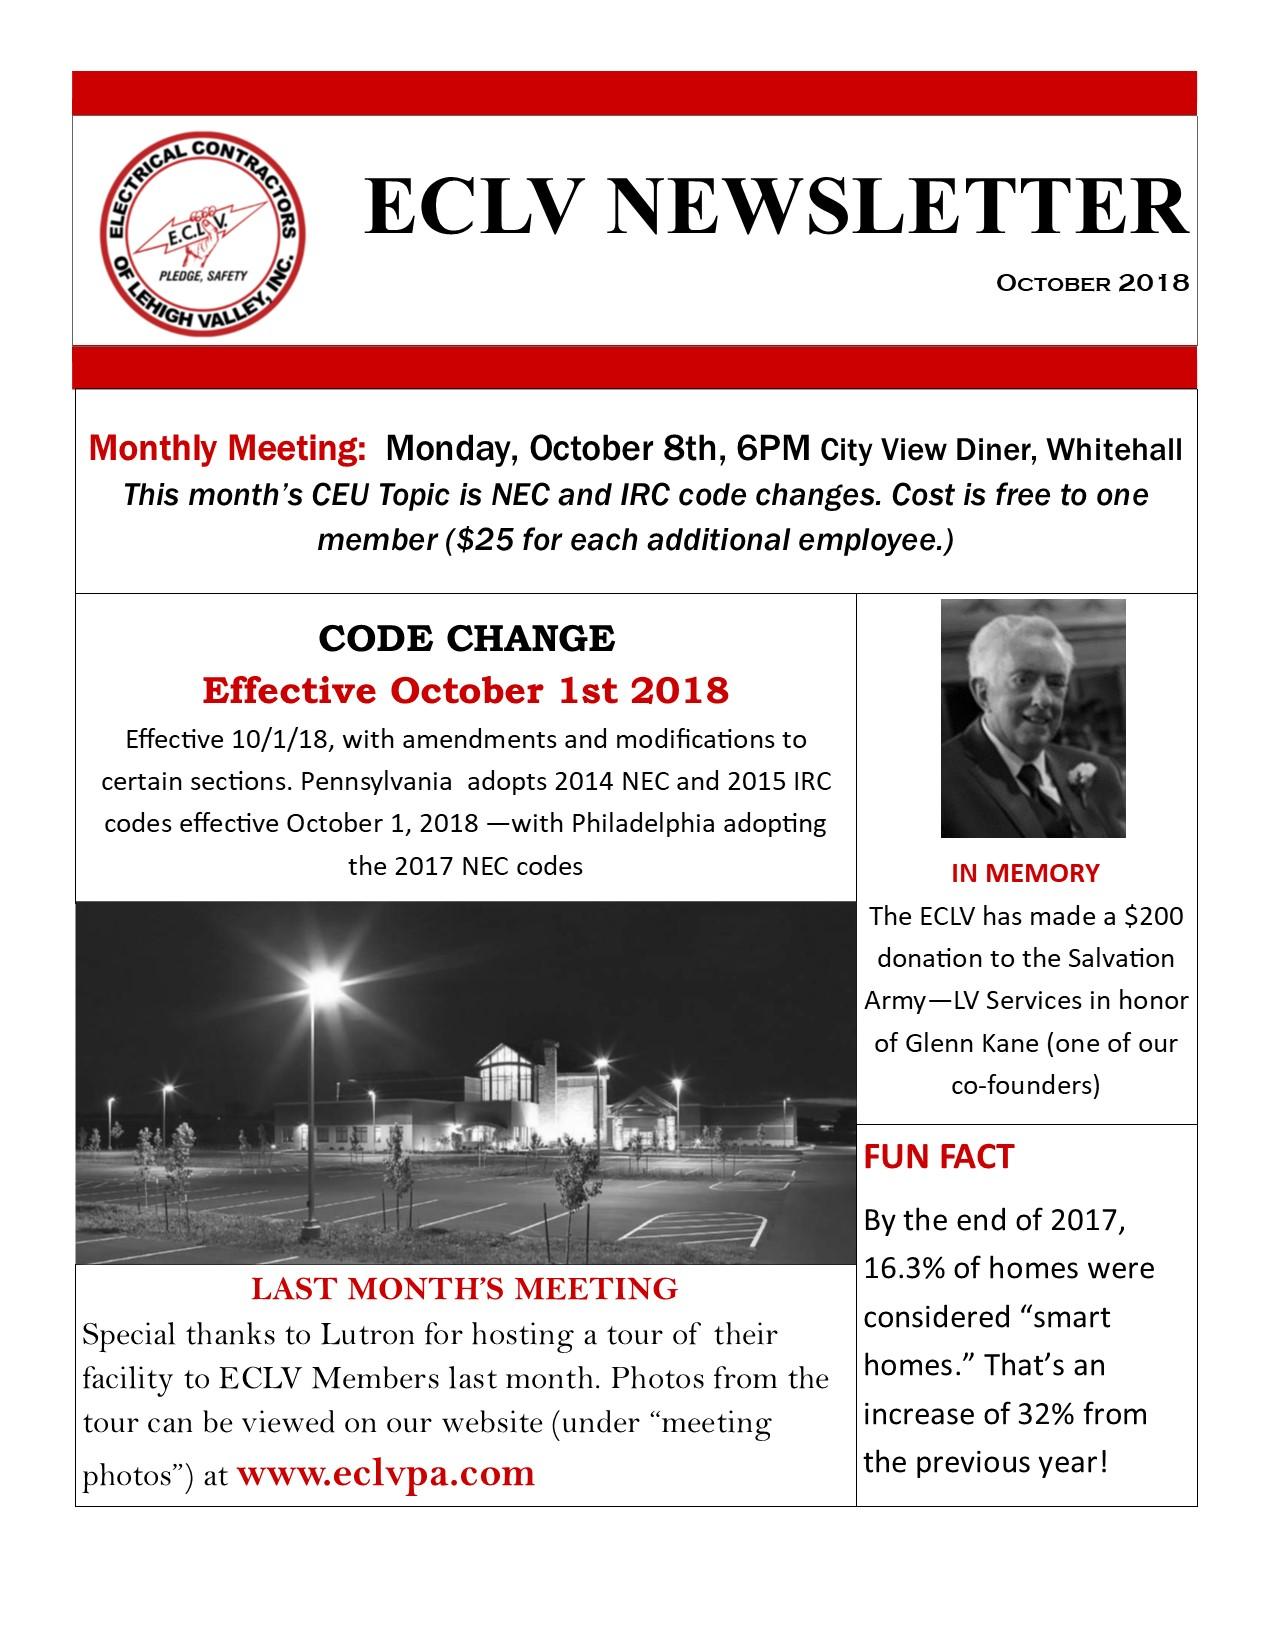 ECLV October newsletter.jpg